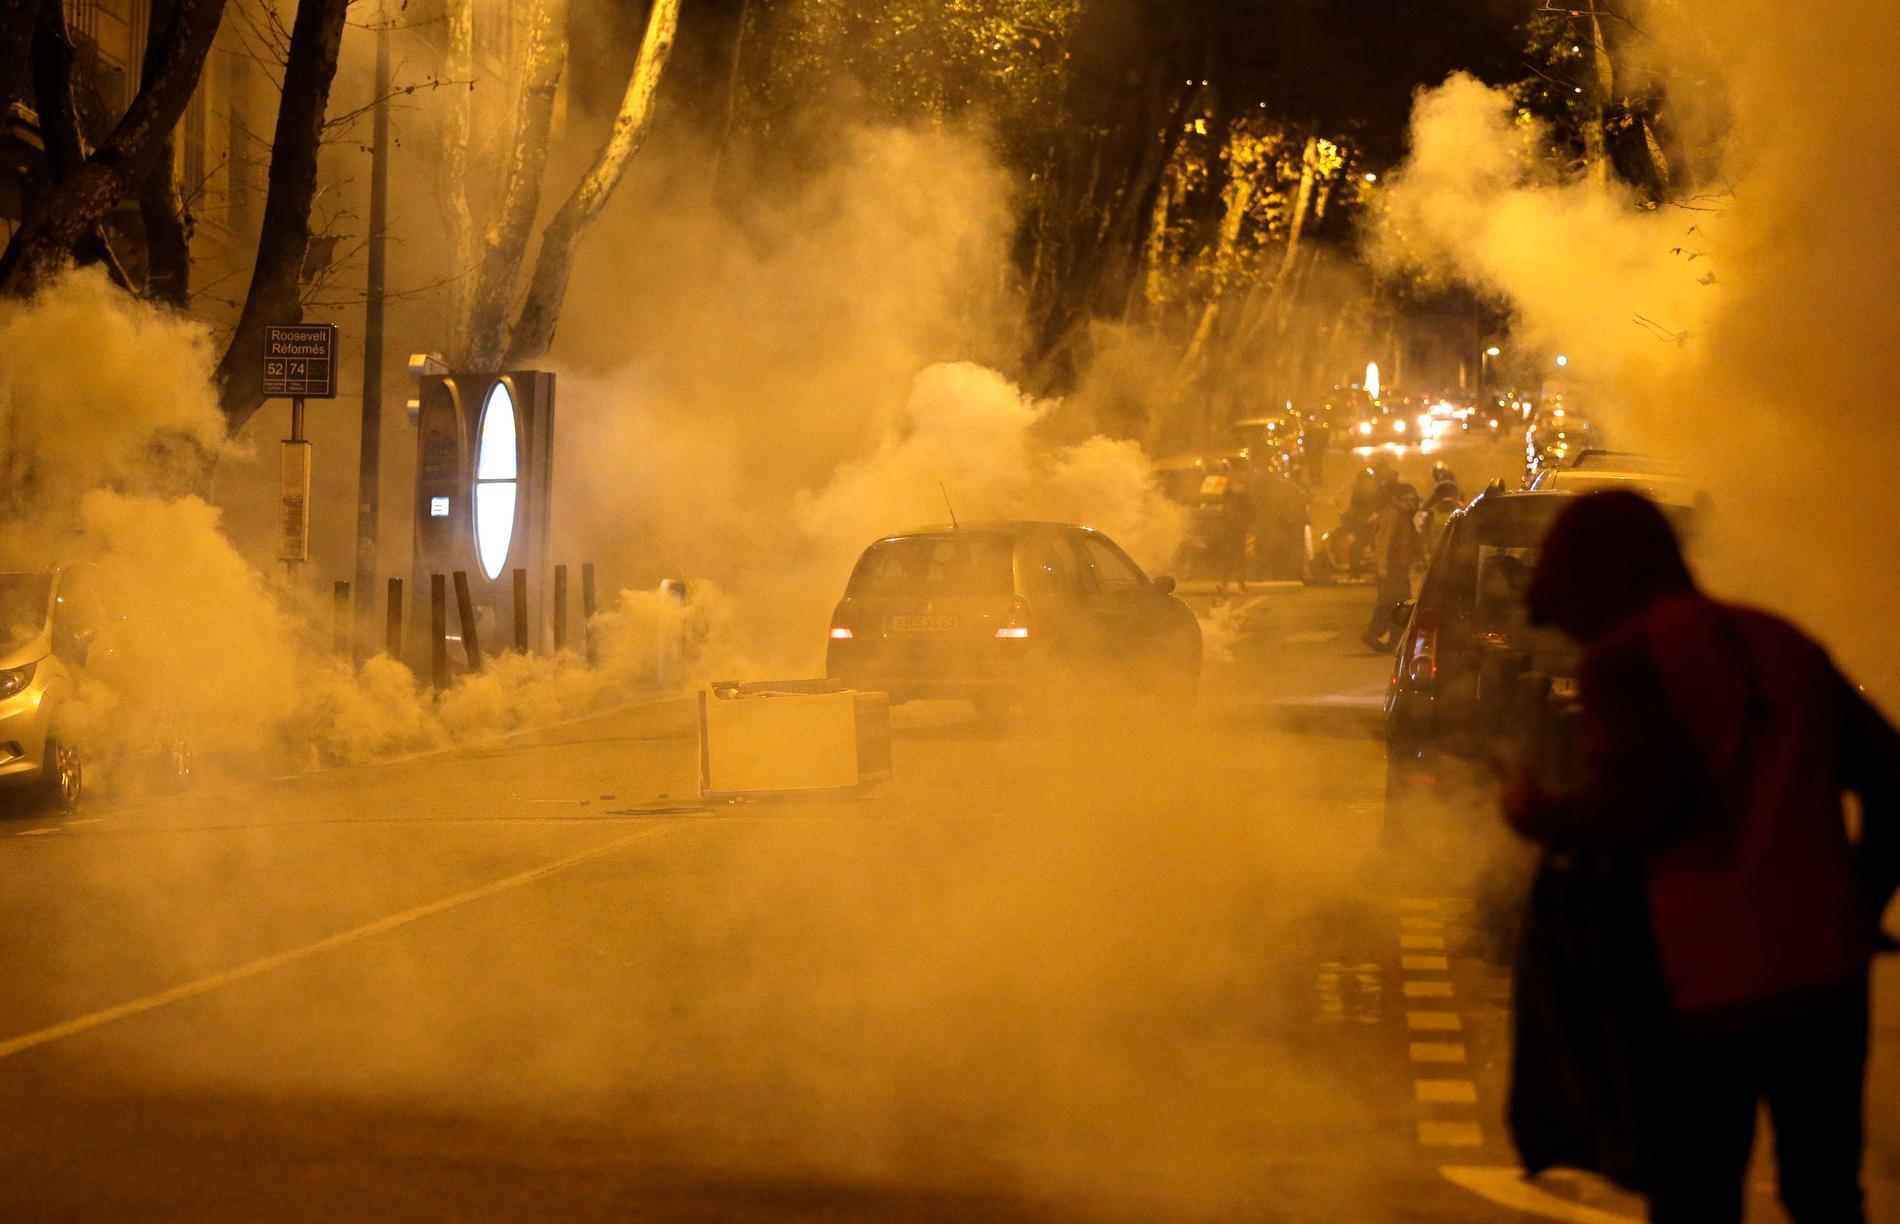 På bilden syns tårgas i den franska staden Marseille den 1 december i fjol, samma dag som kvinnan i artikeln sköts i ansiktet med en tårgasgranat.